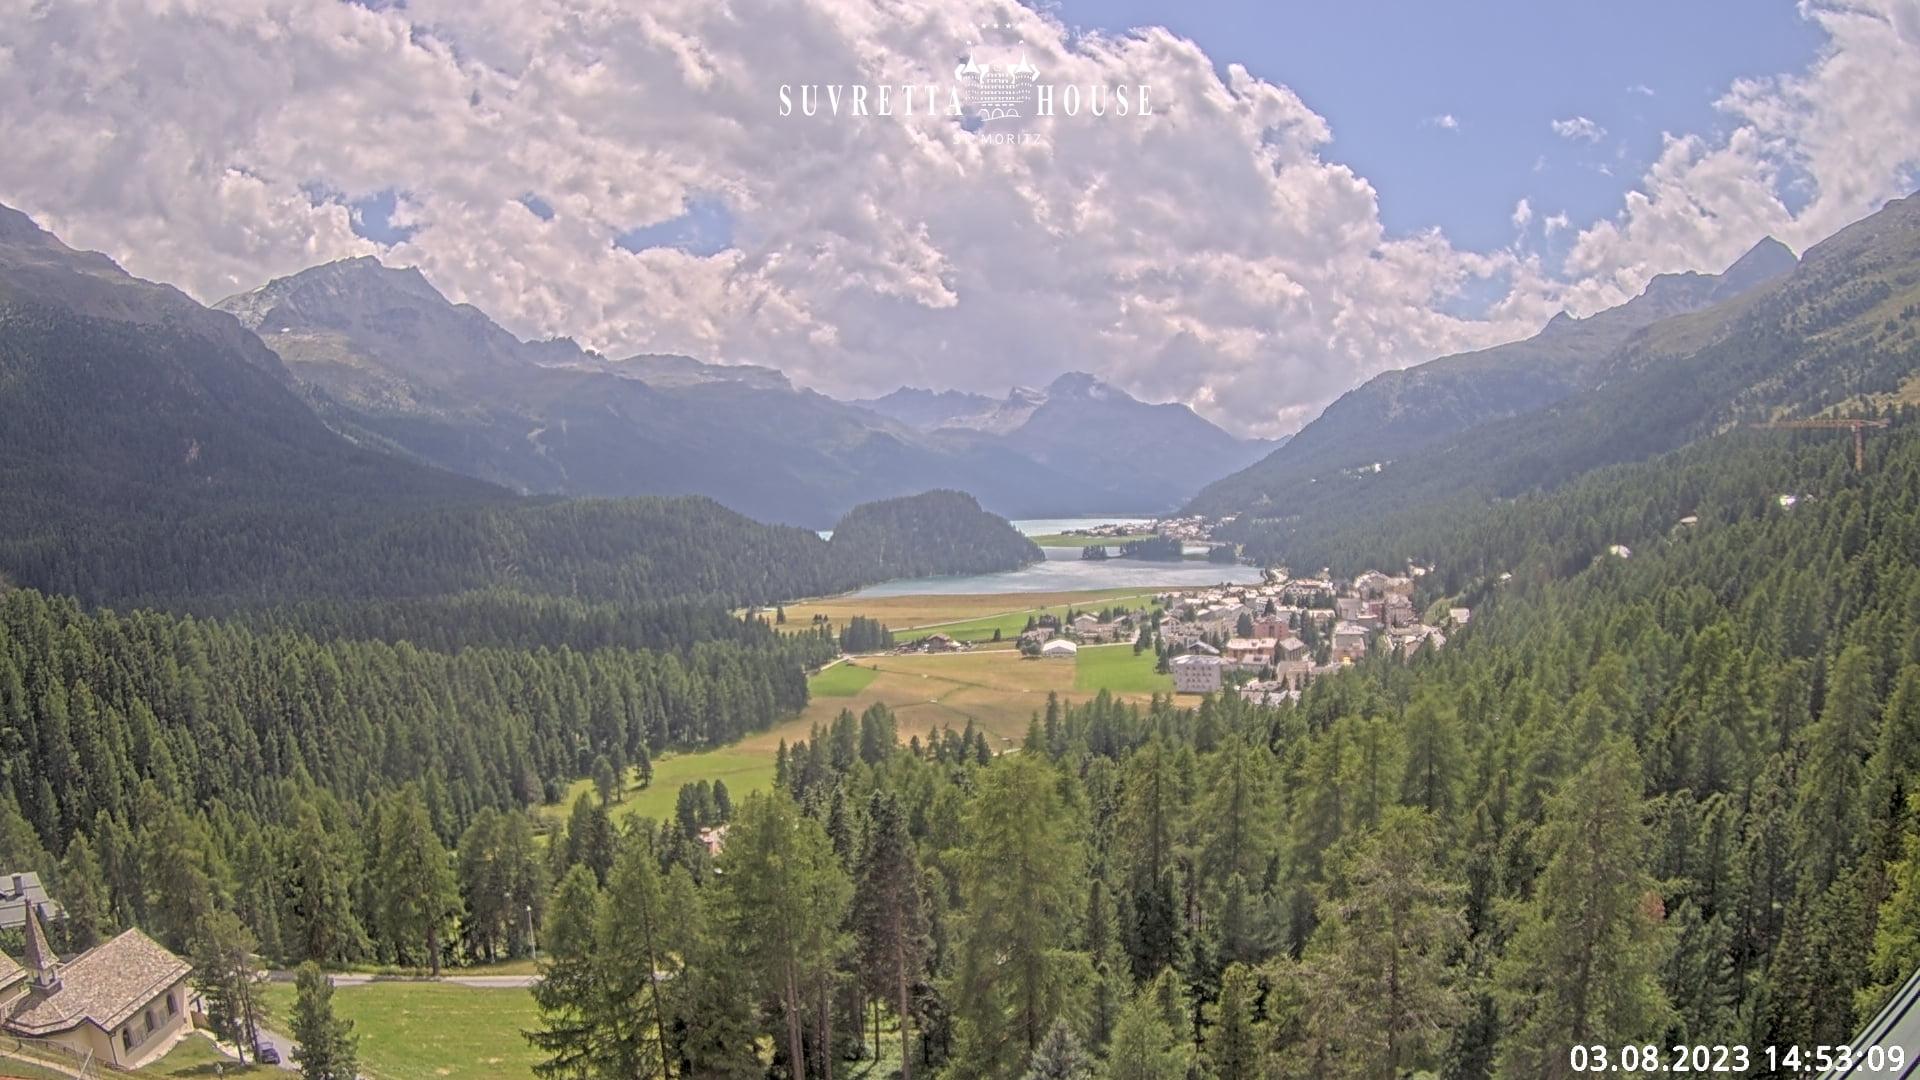 Saint-Moritz - Suvretta, Baby lift